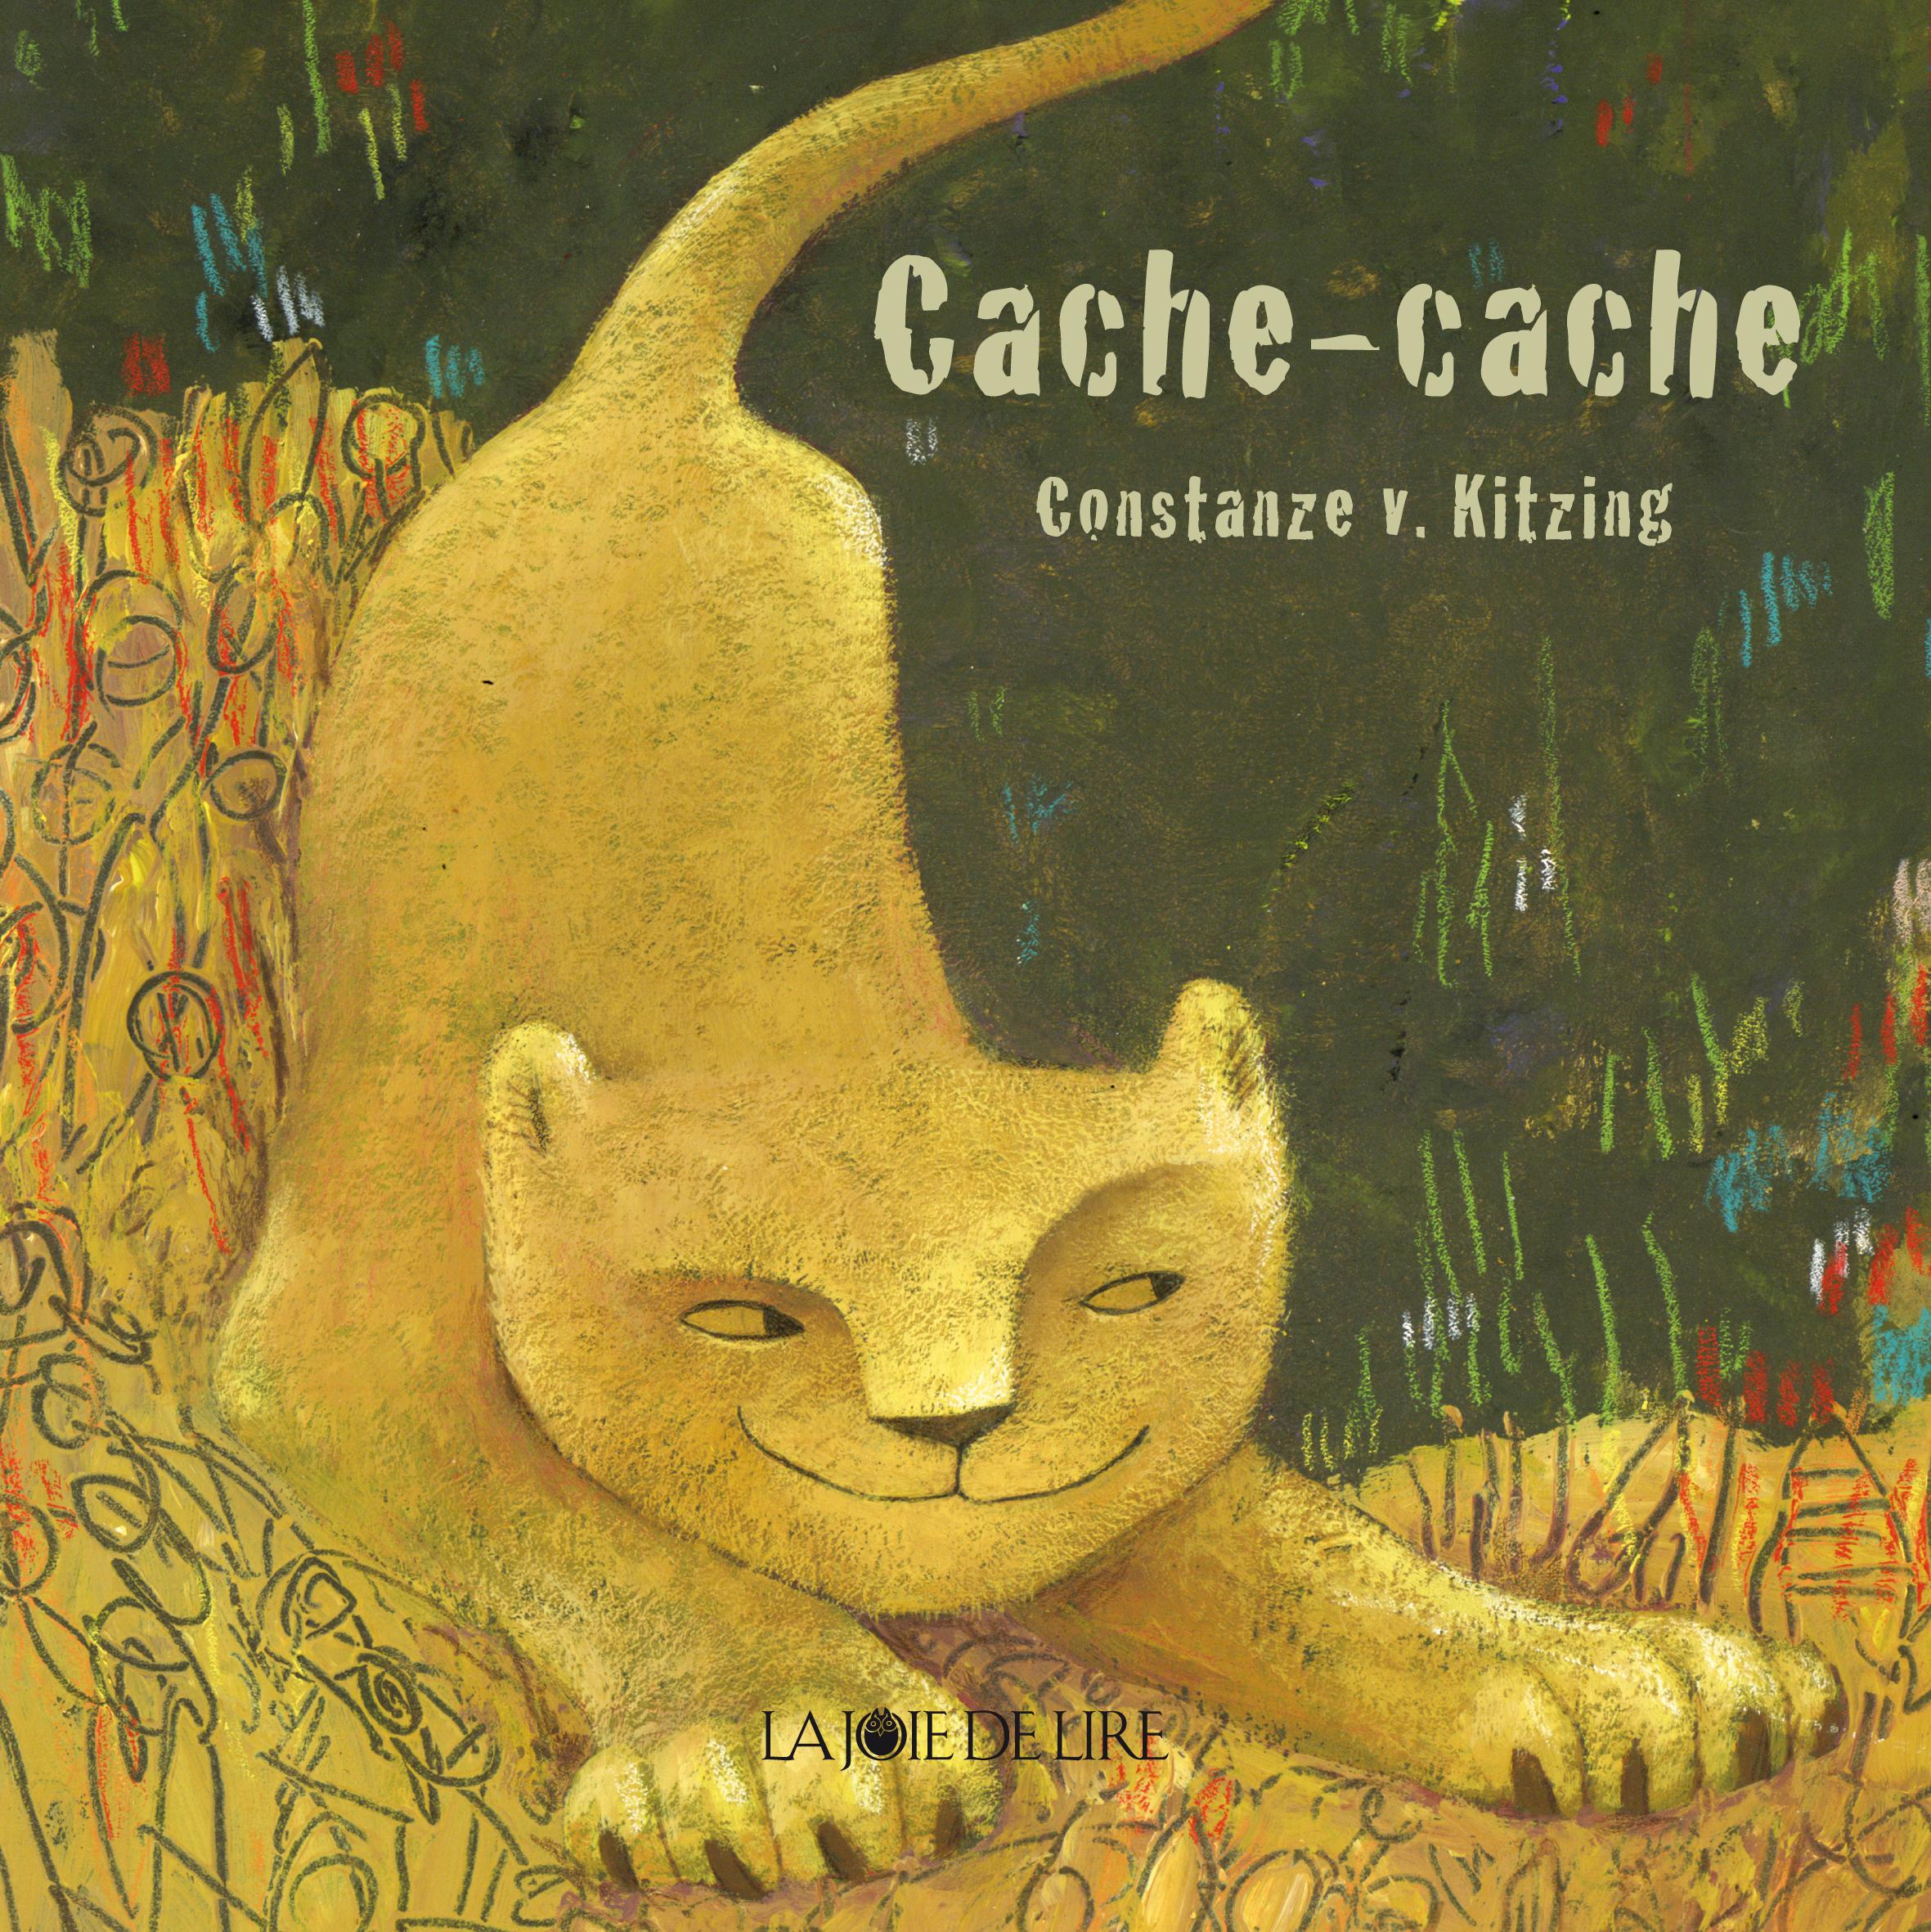 cachecache_couv.jpg